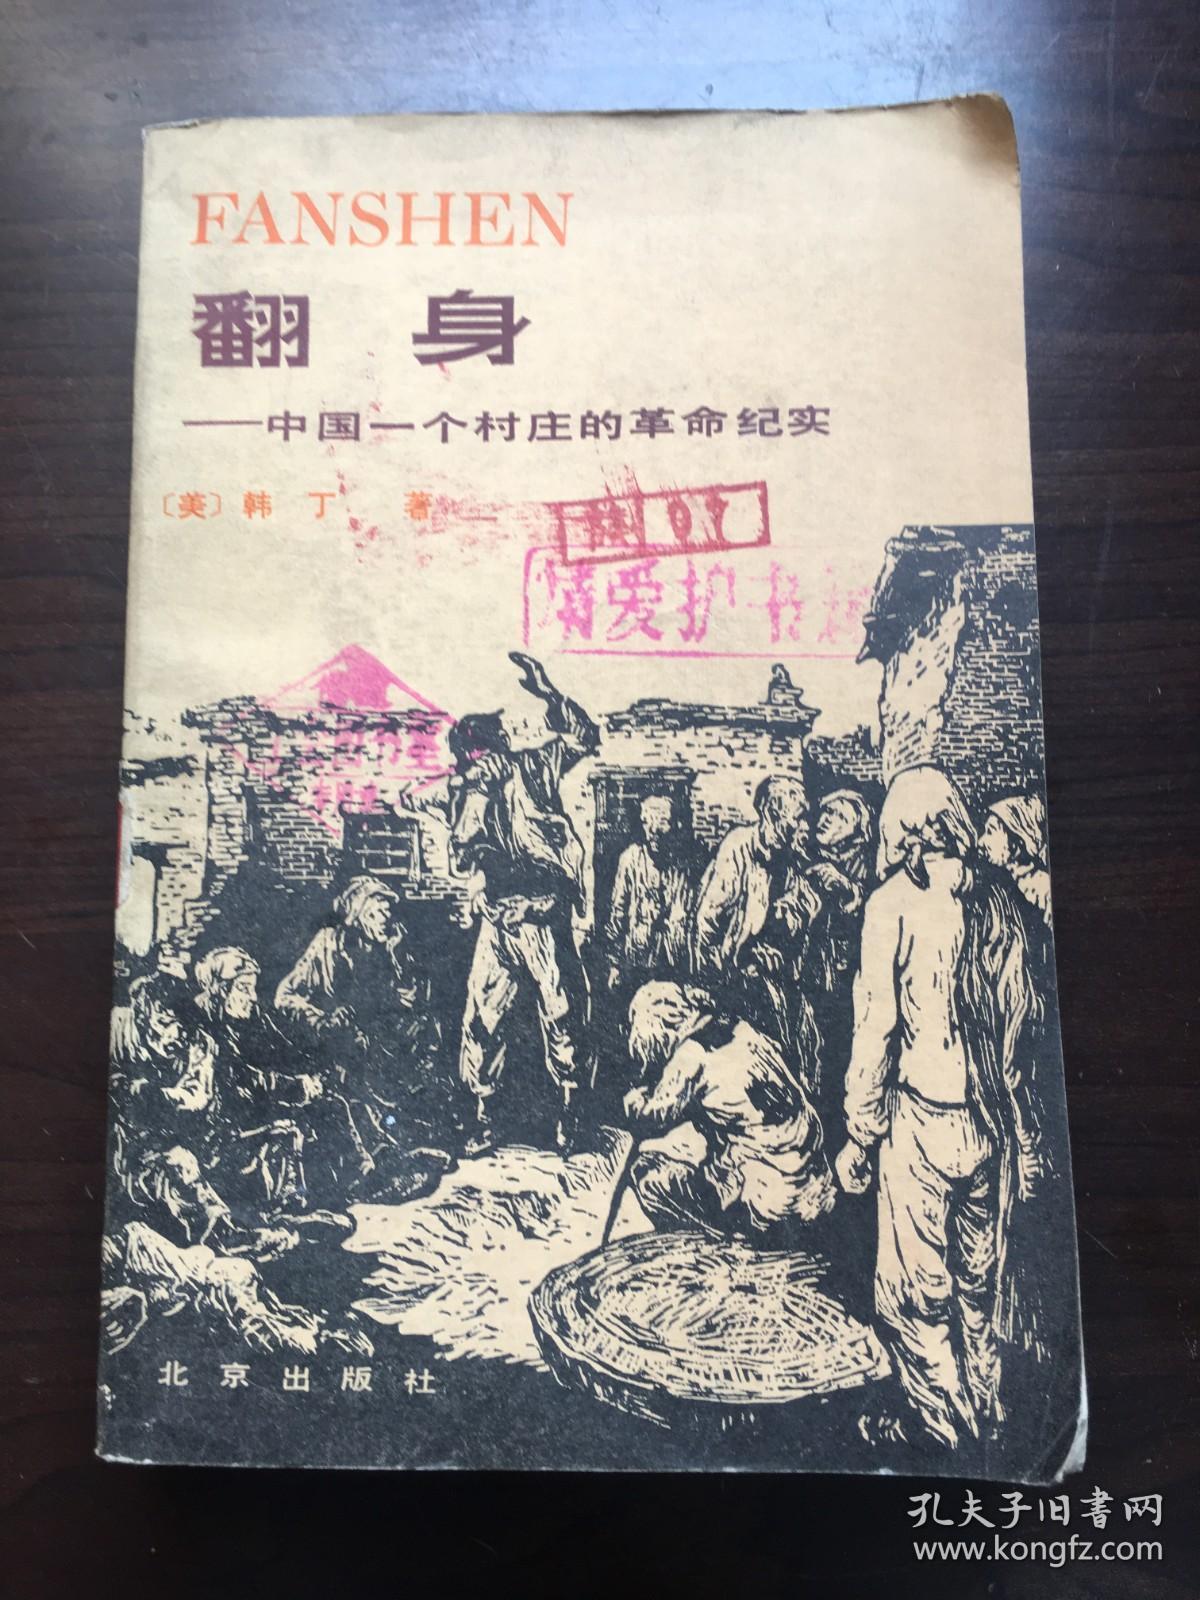 著名美国友好人士韩丁著:《翻身》,这是一册周总理亲自部署翻译,反应中国一个村庄的革命纪实。大32K本,馆藏品好,厚718页,较珍贵。